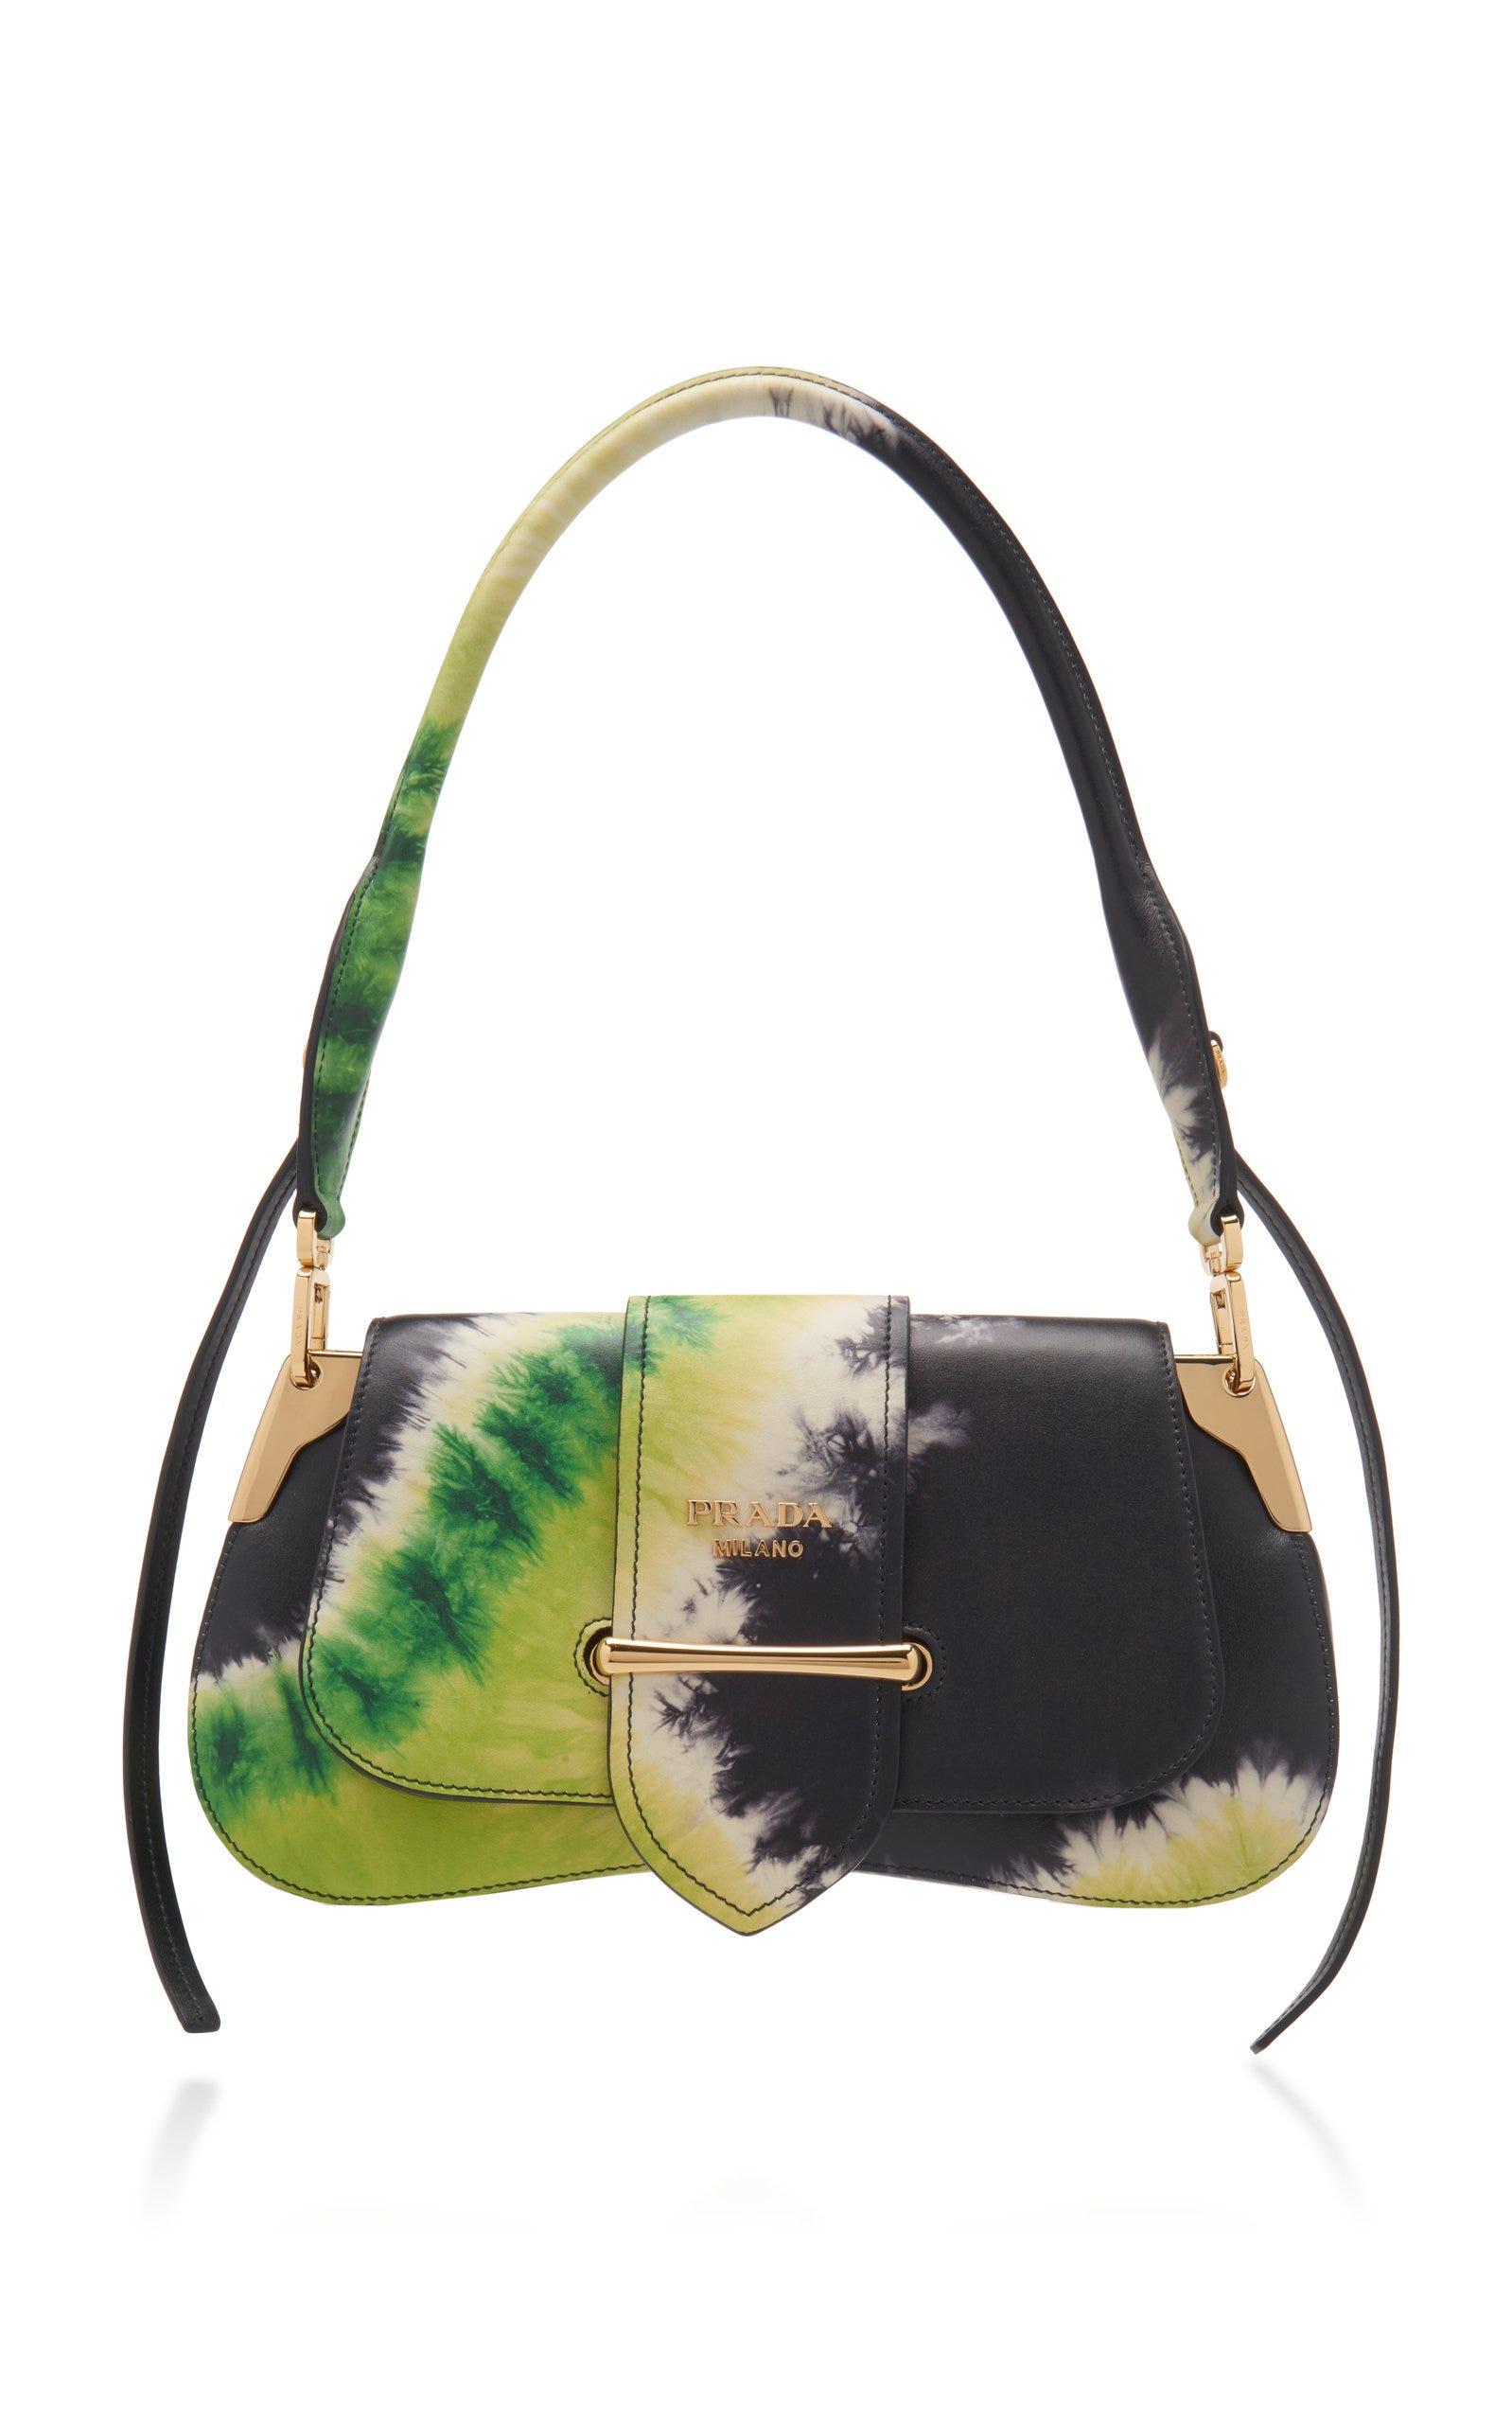 b3afbf1964e5 Prada. Pattina Tie-dye Leather Shoulder Bag